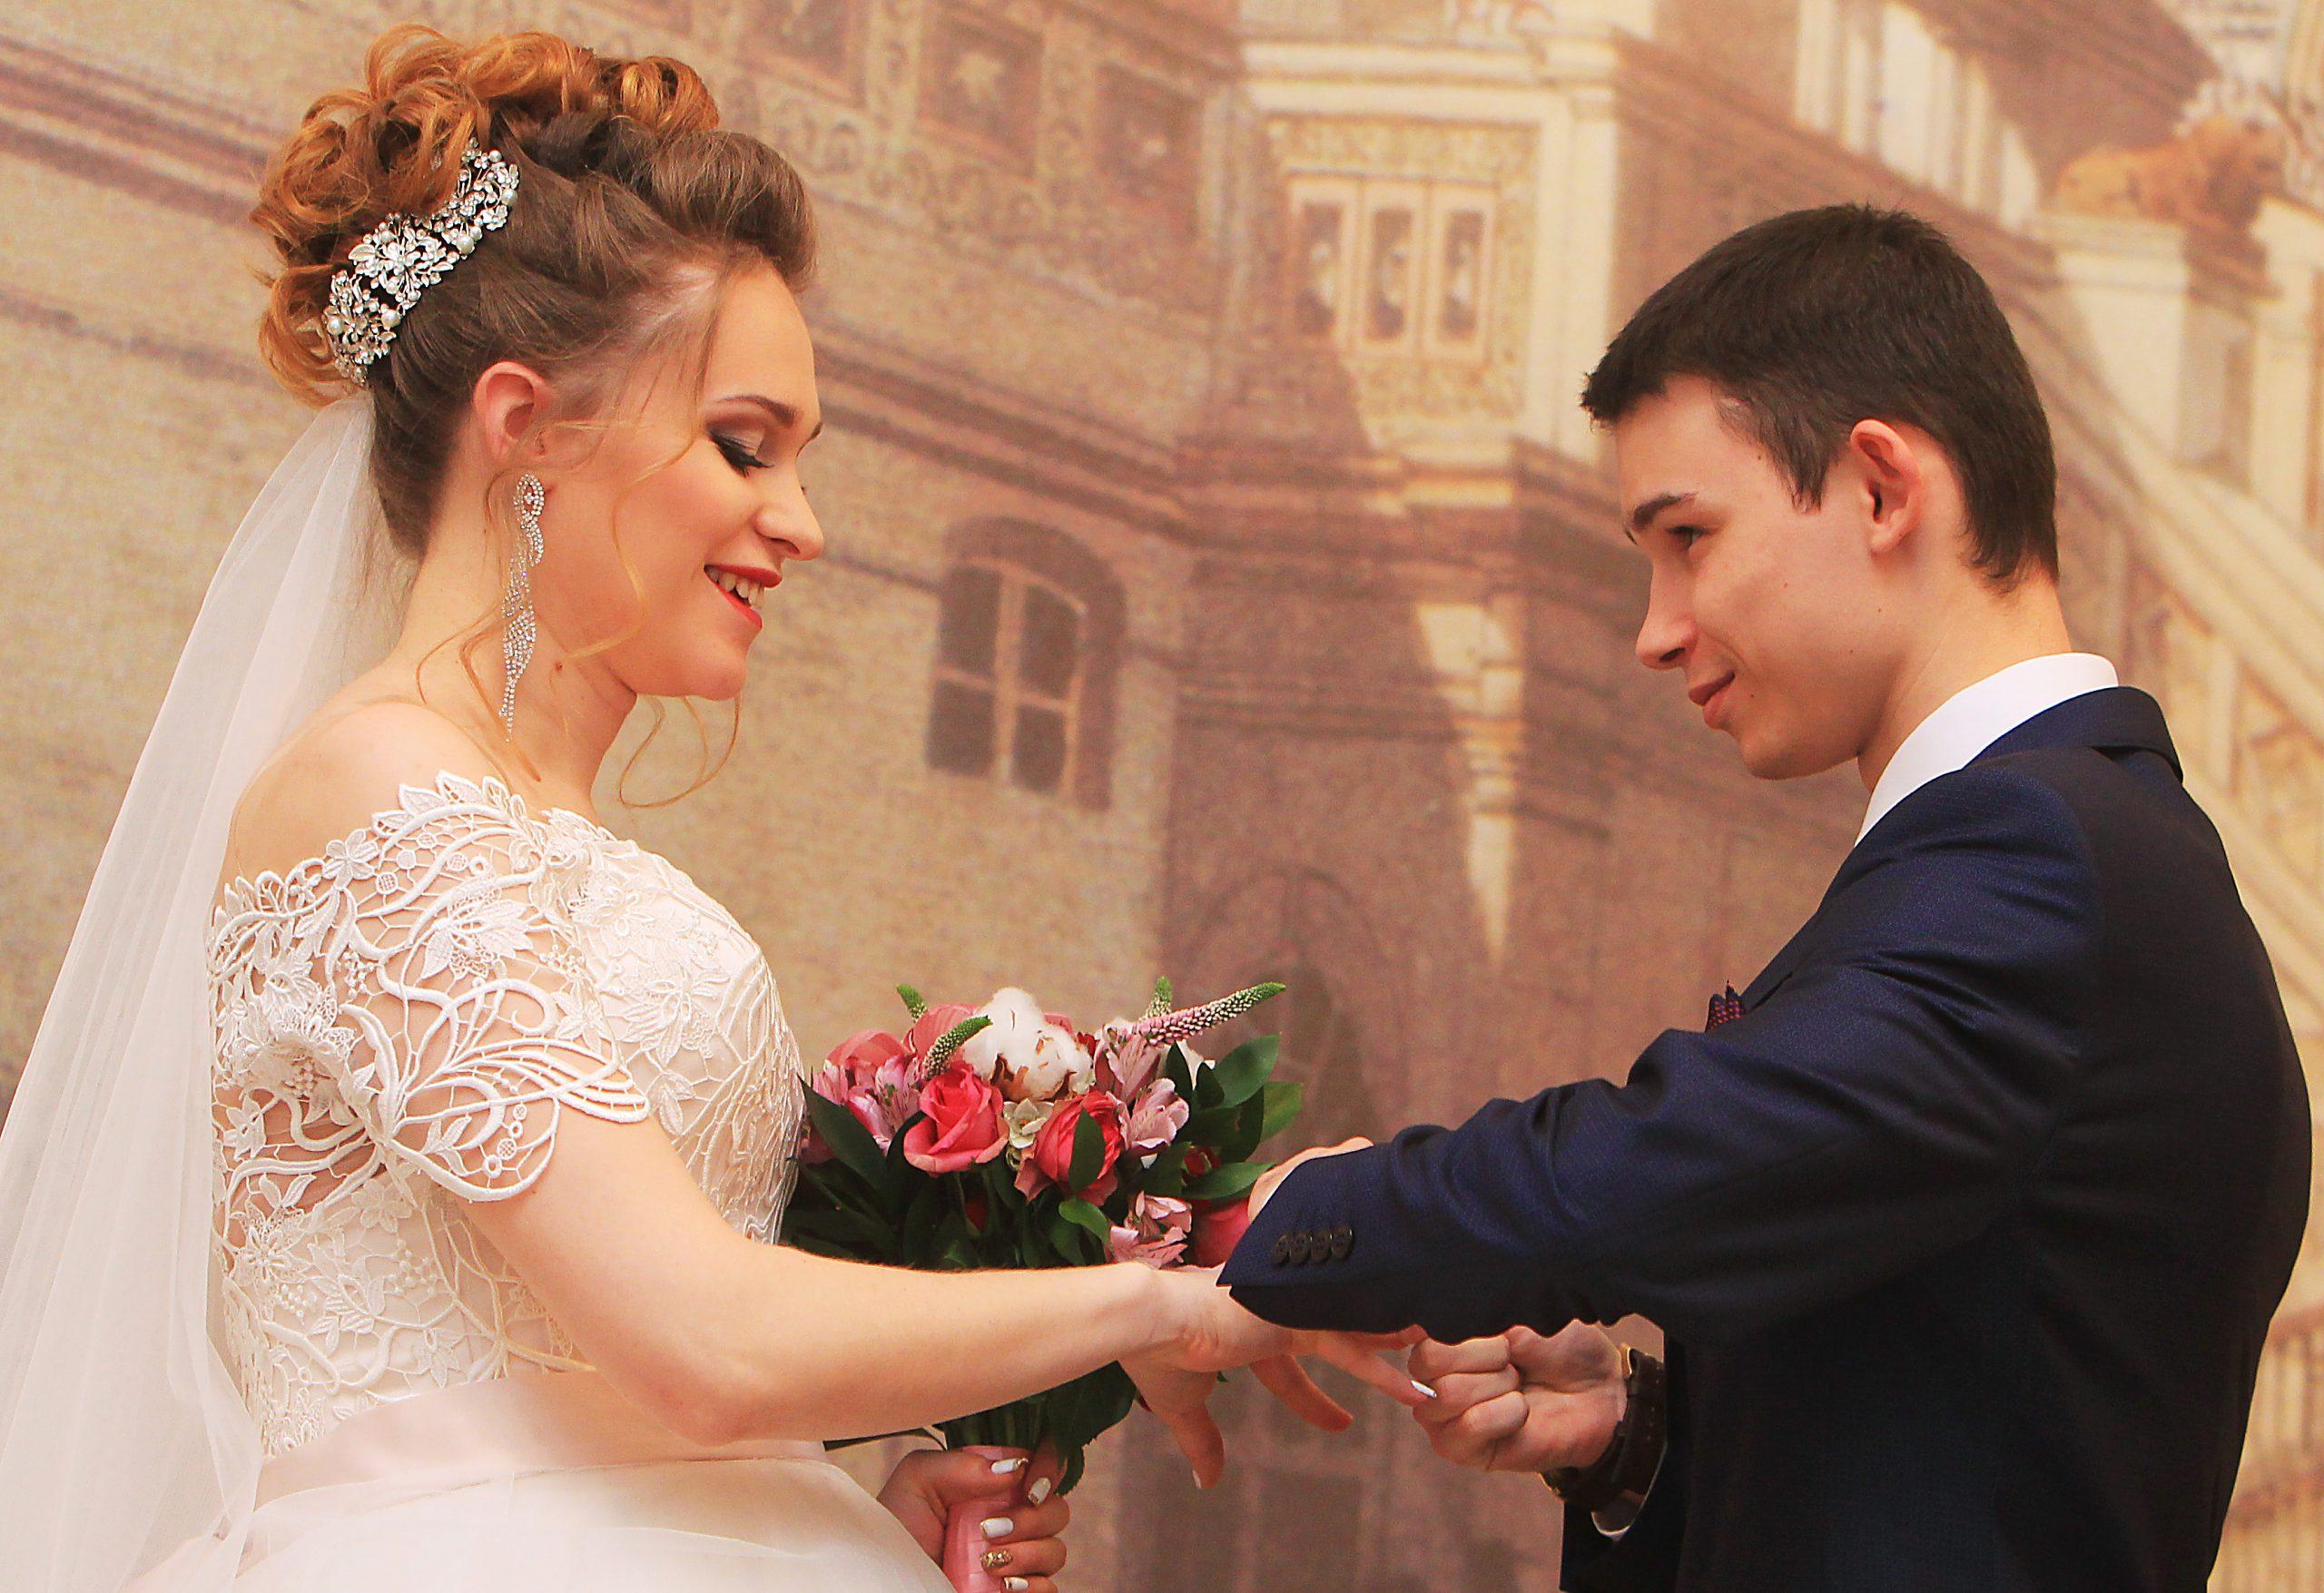 Московские ЗАГСы принимают заявки на предновогодний день. Фото: Наталия Нечаева, «Вечерняя Москва»